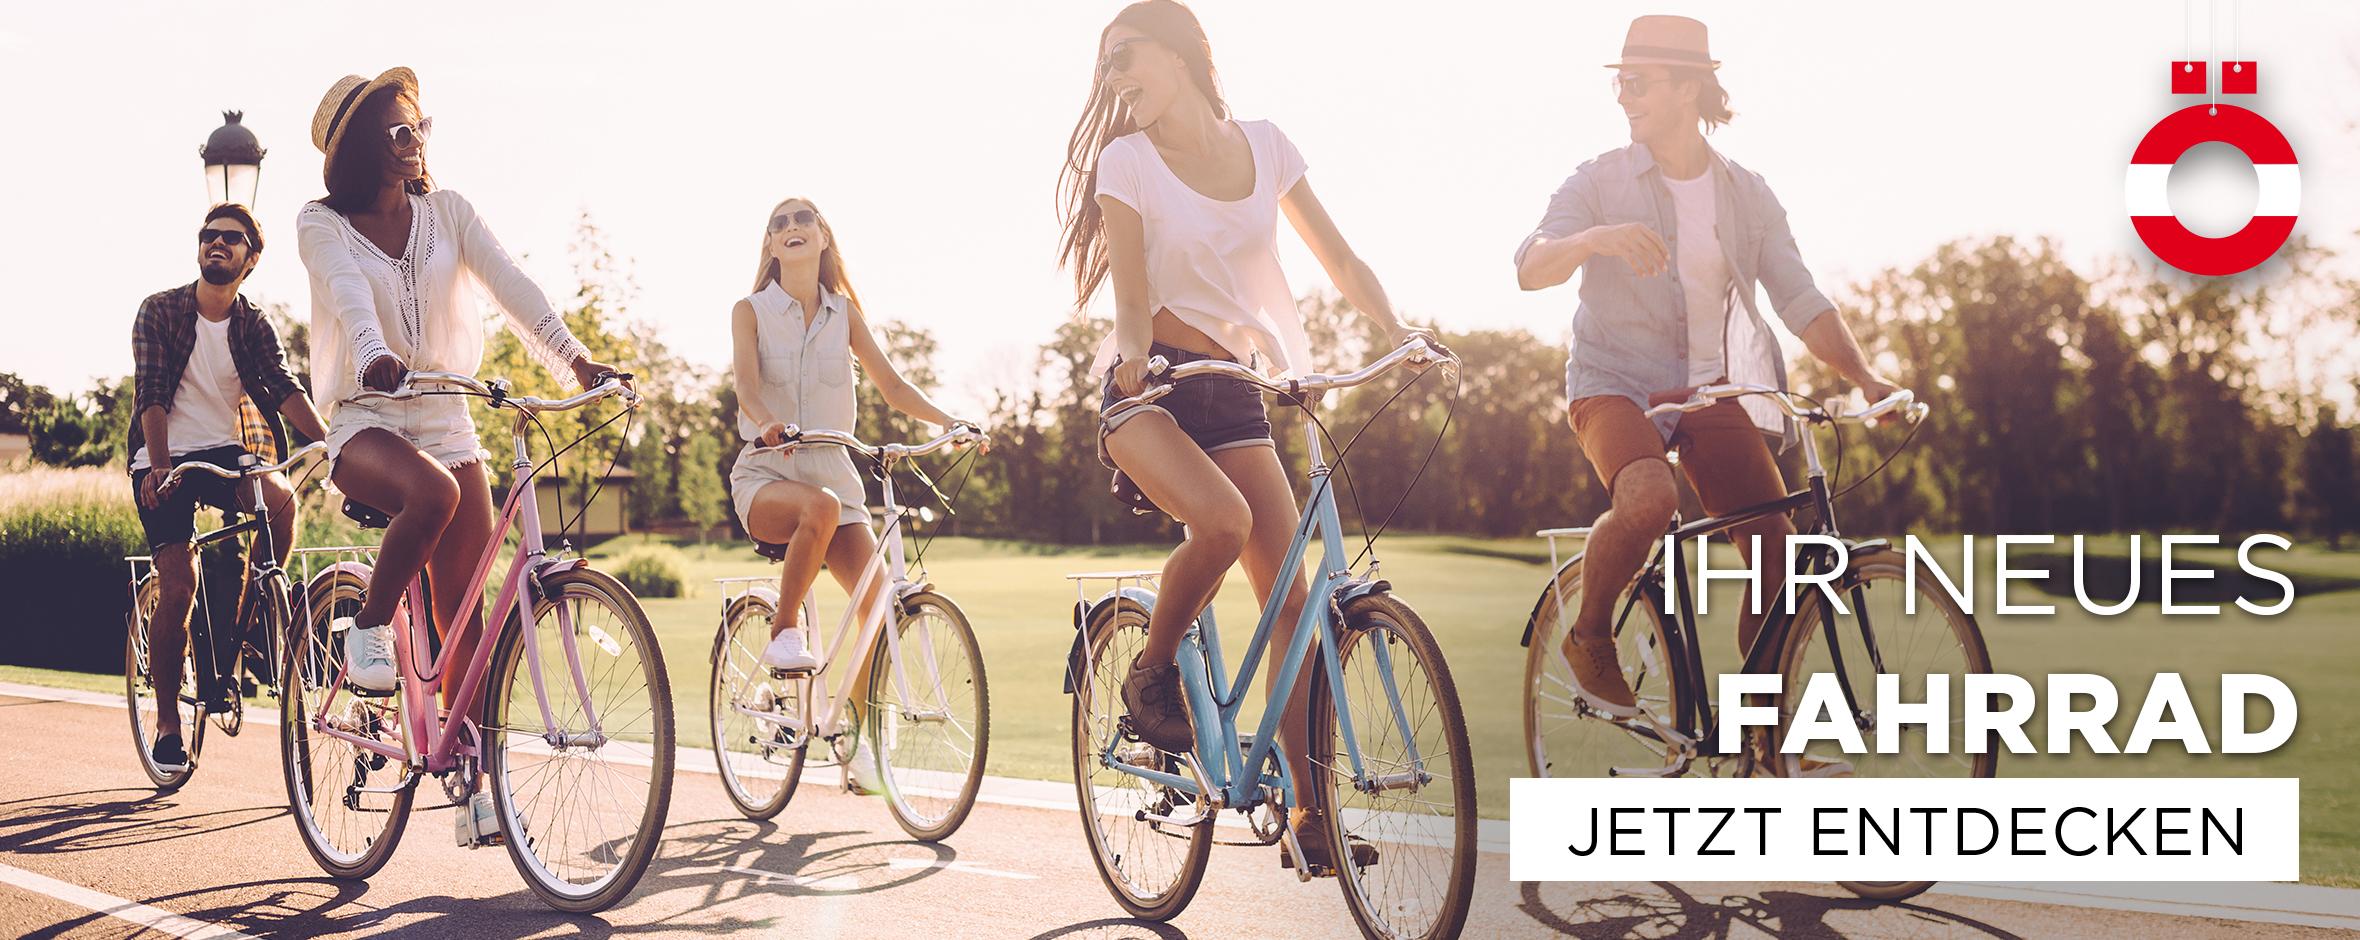 Ihr neues Fahrrad